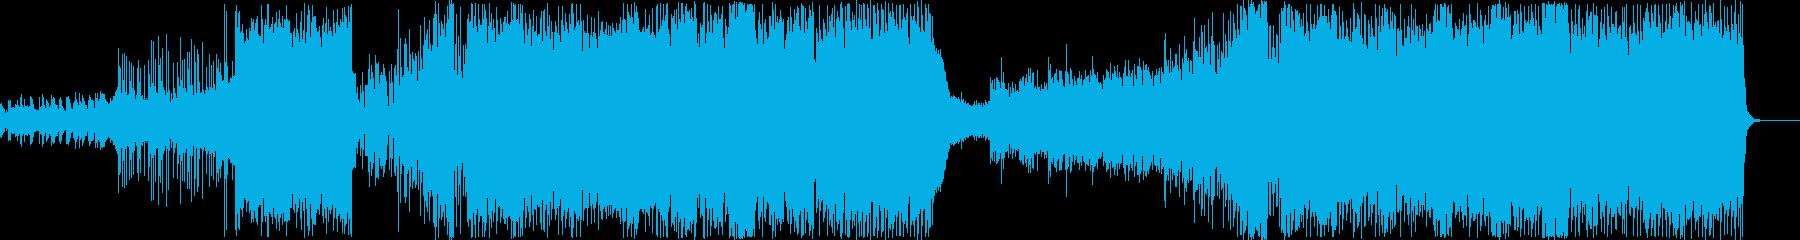 和風をイメージしたのんびりEDMの再生済みの波形